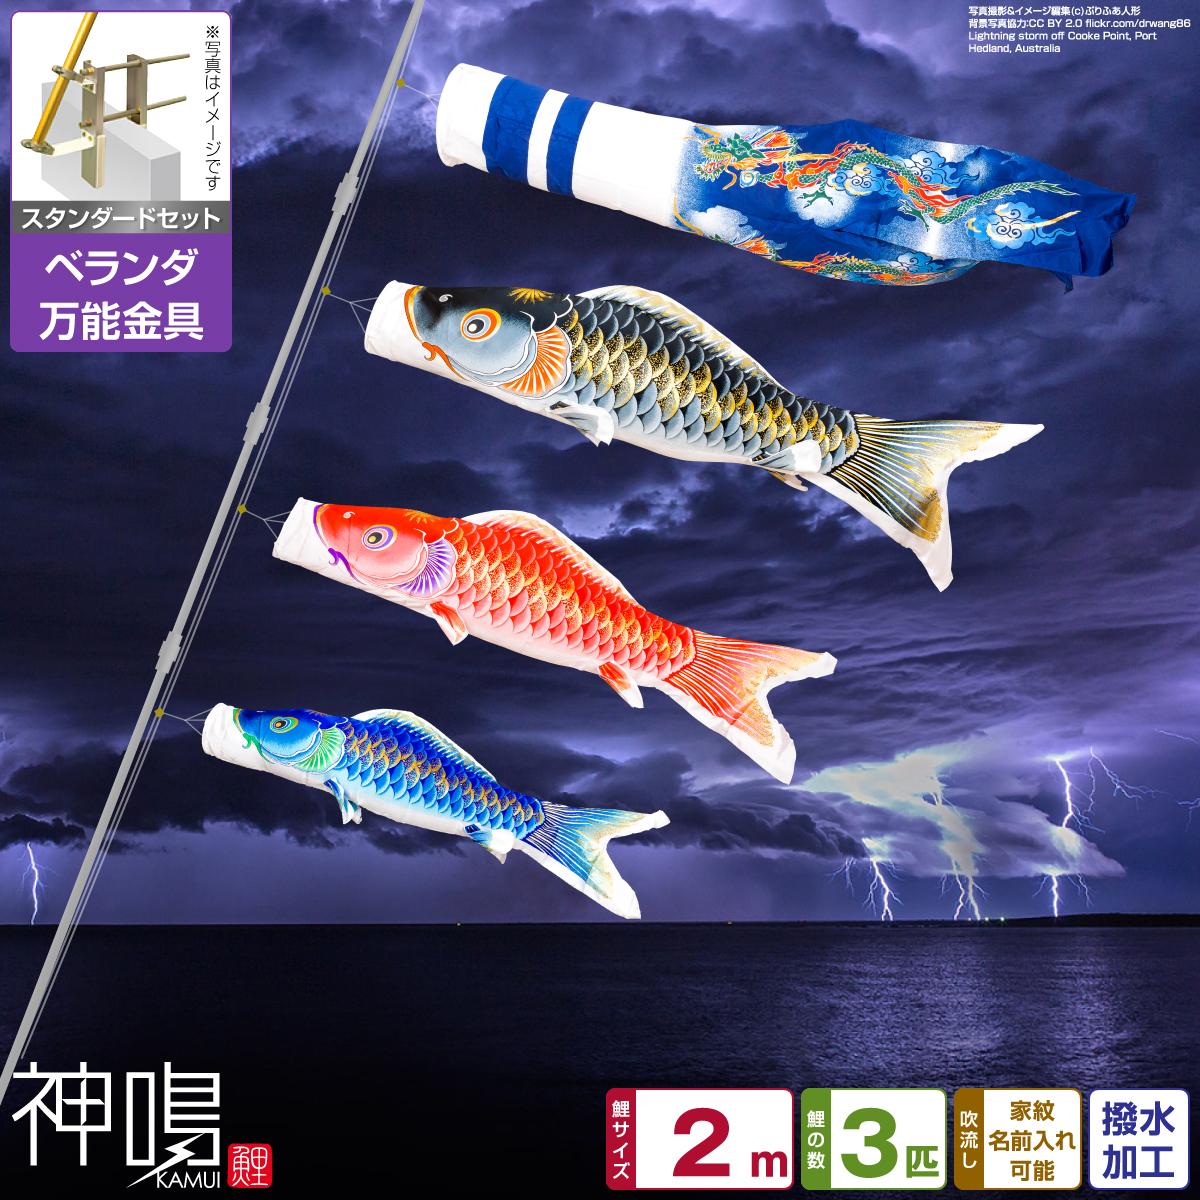 ベランダ用 鯉のぼり 神鳴鯉-KAMUI- 2m 6点(吹流し+鯉3匹+矢車+ロープ)/スタンダードセット(万能取付金具)